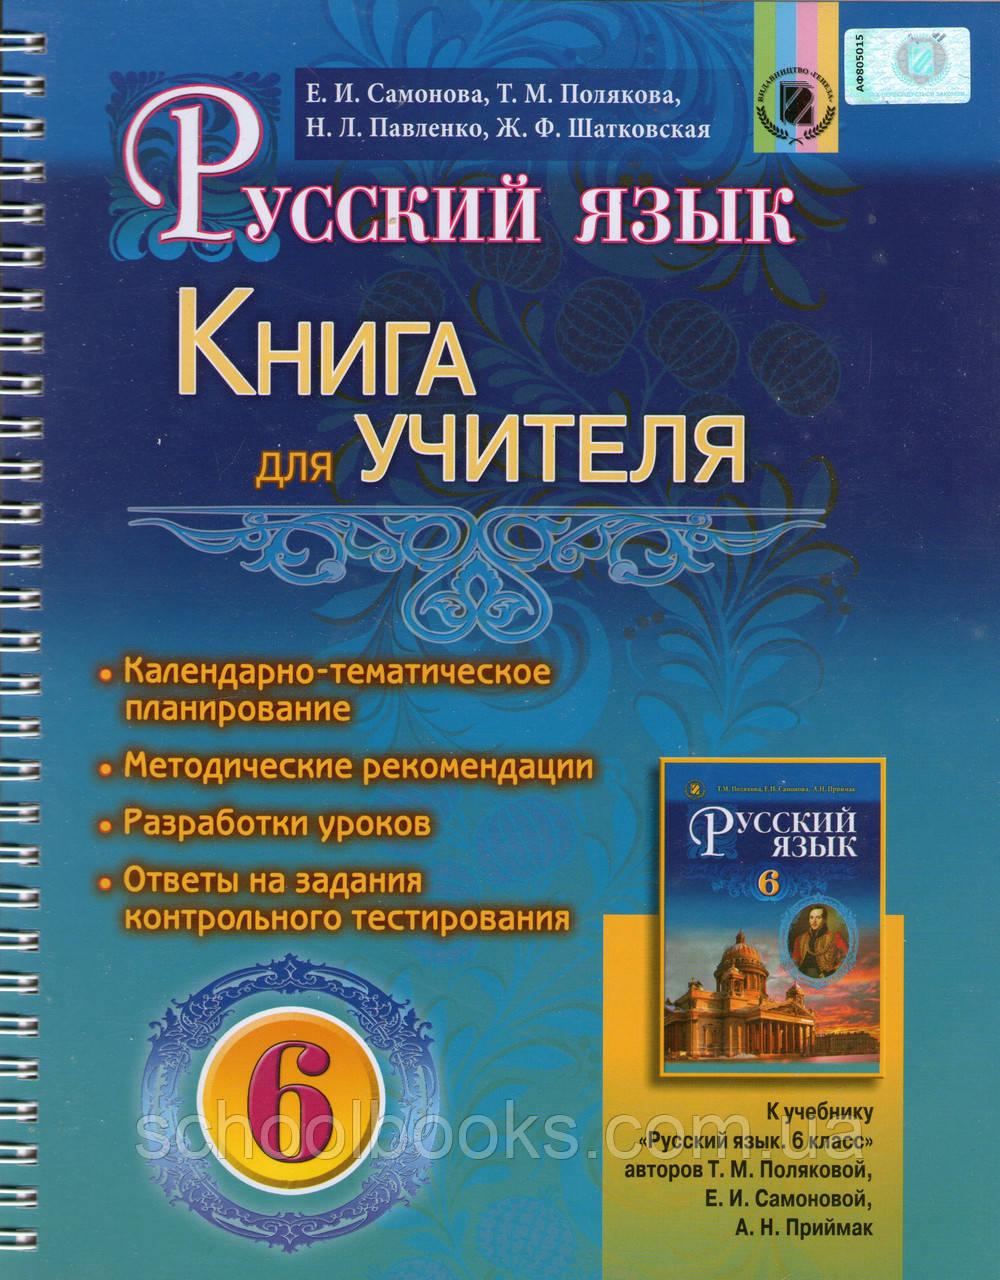 РУССКИЙ ЯЗЫК 6 КЛАСС ПОЛЯКОВА САМОНОВА 2014 УКРАИНА СКАЧАТЬ БЕСПЛАТНО